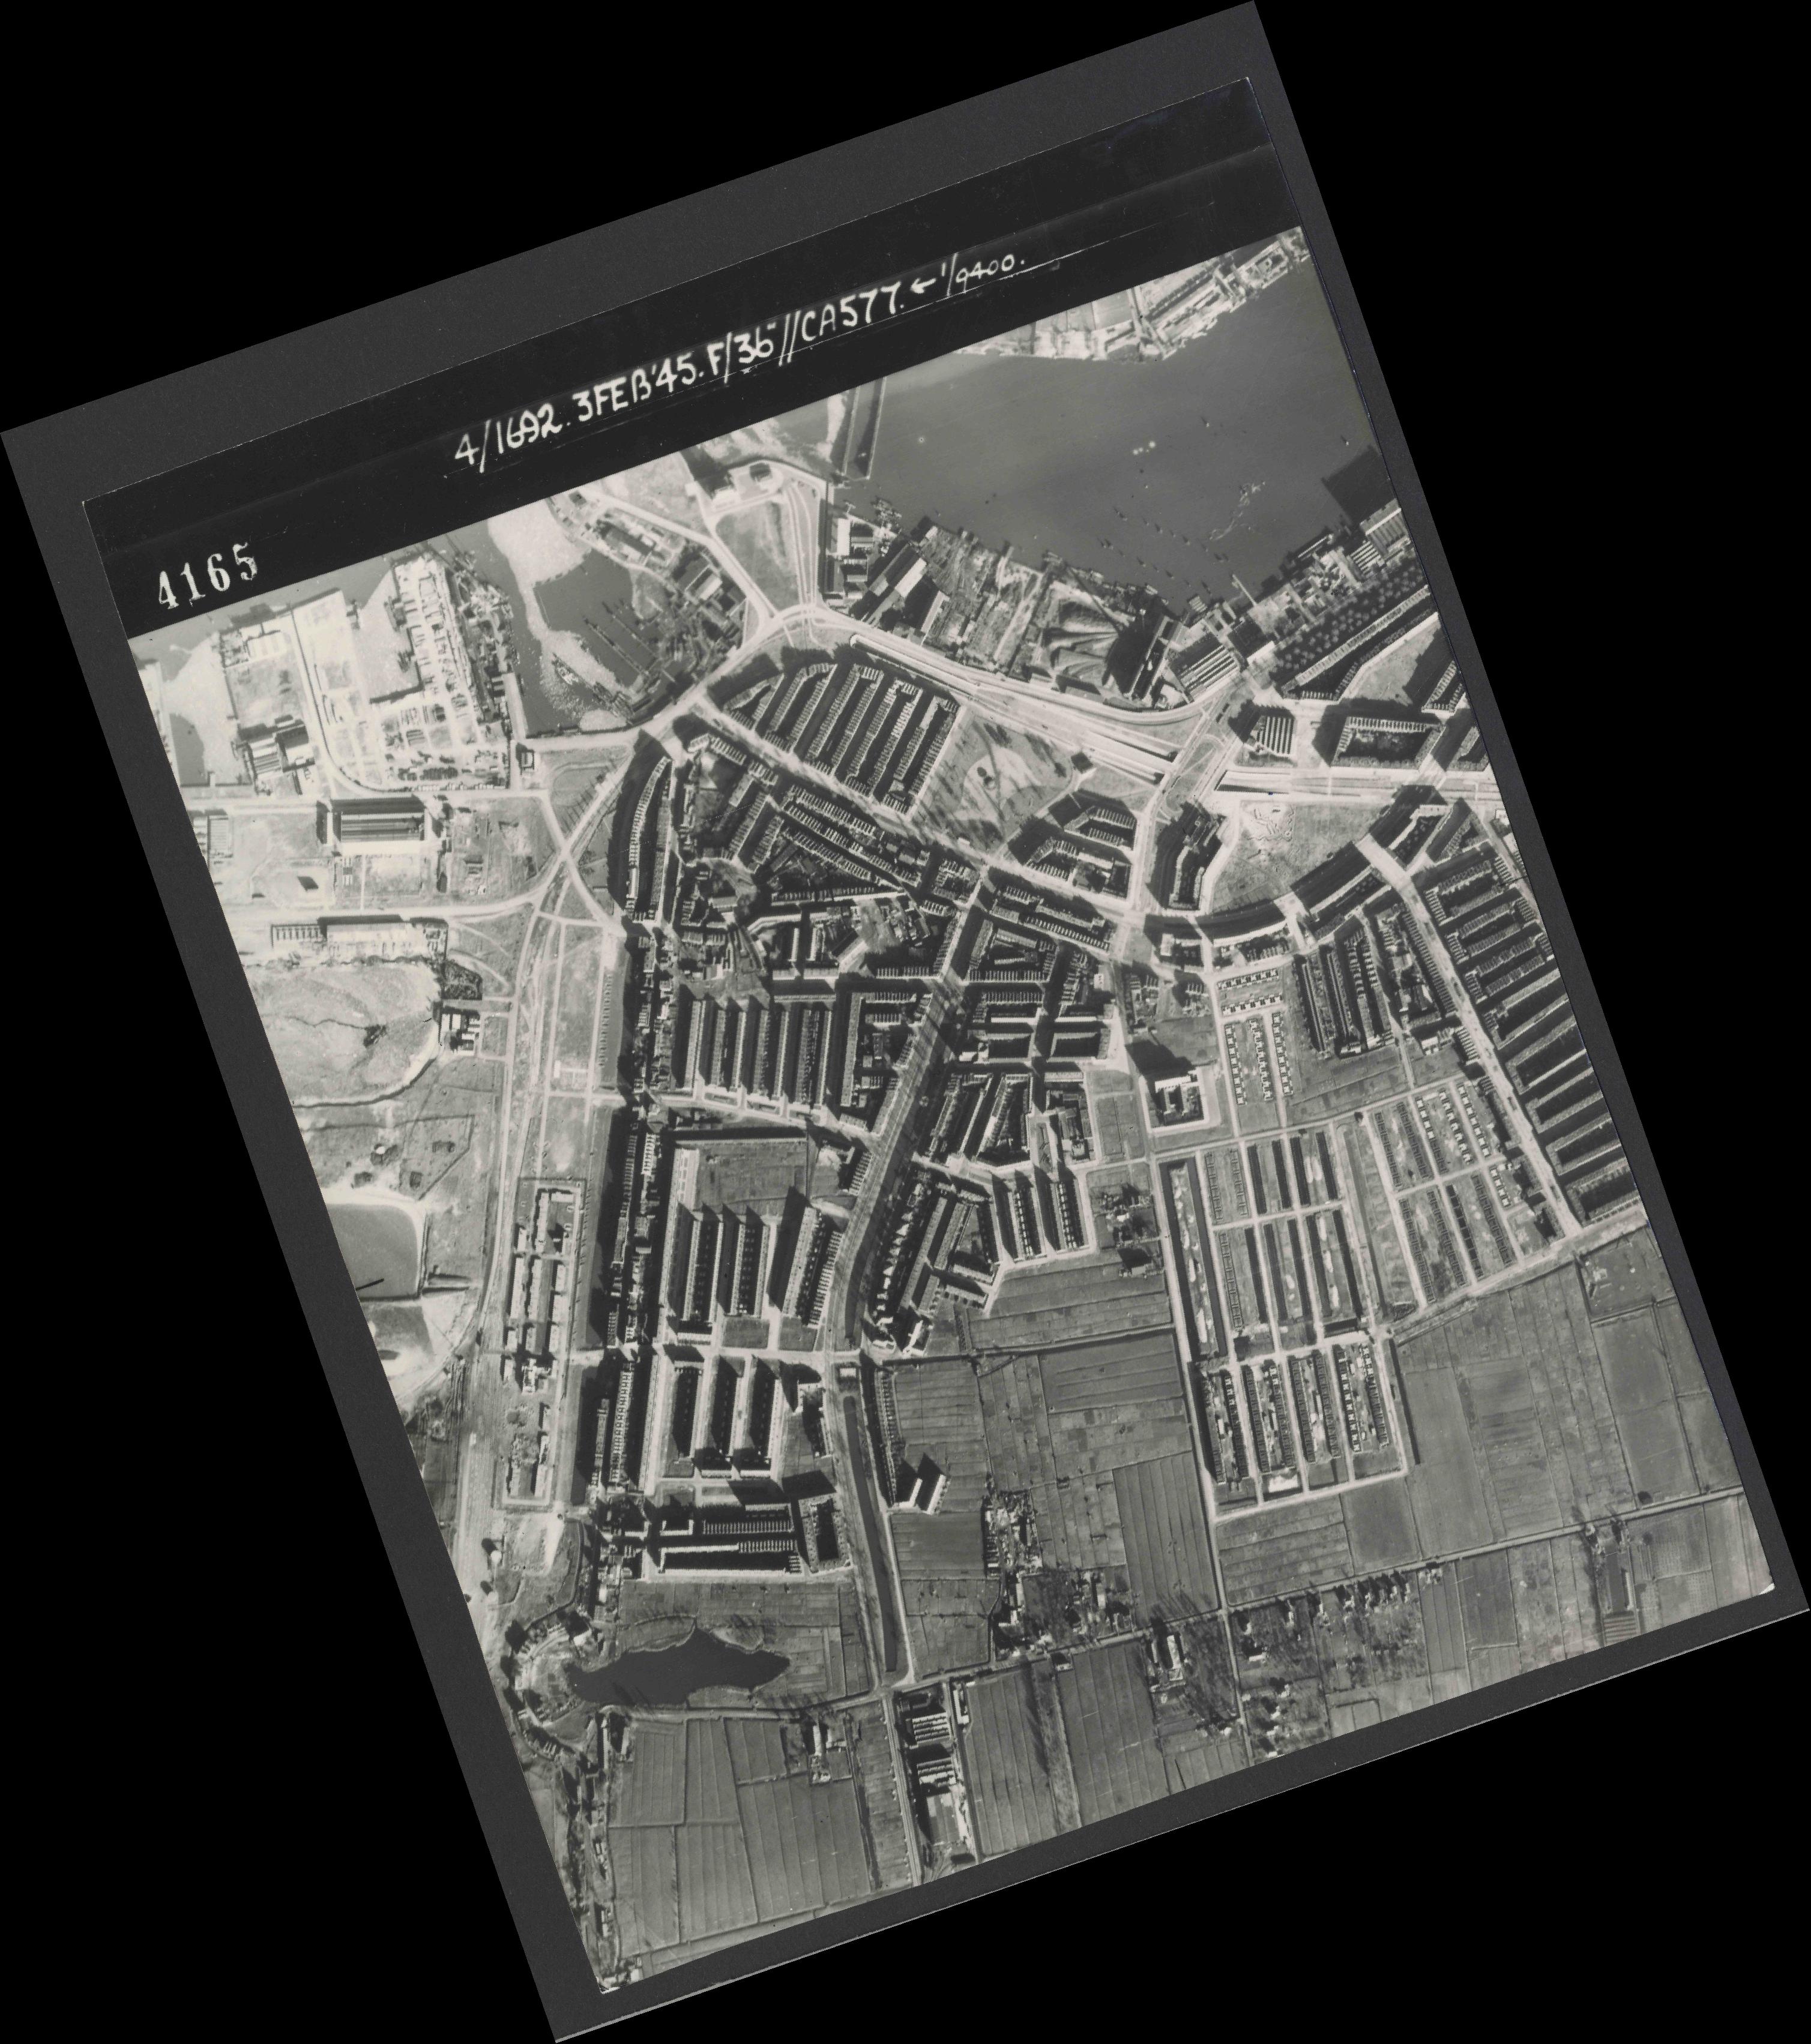 Collection RAF aerial photos 1940-1945 - flight 048, run 02, photo 4165